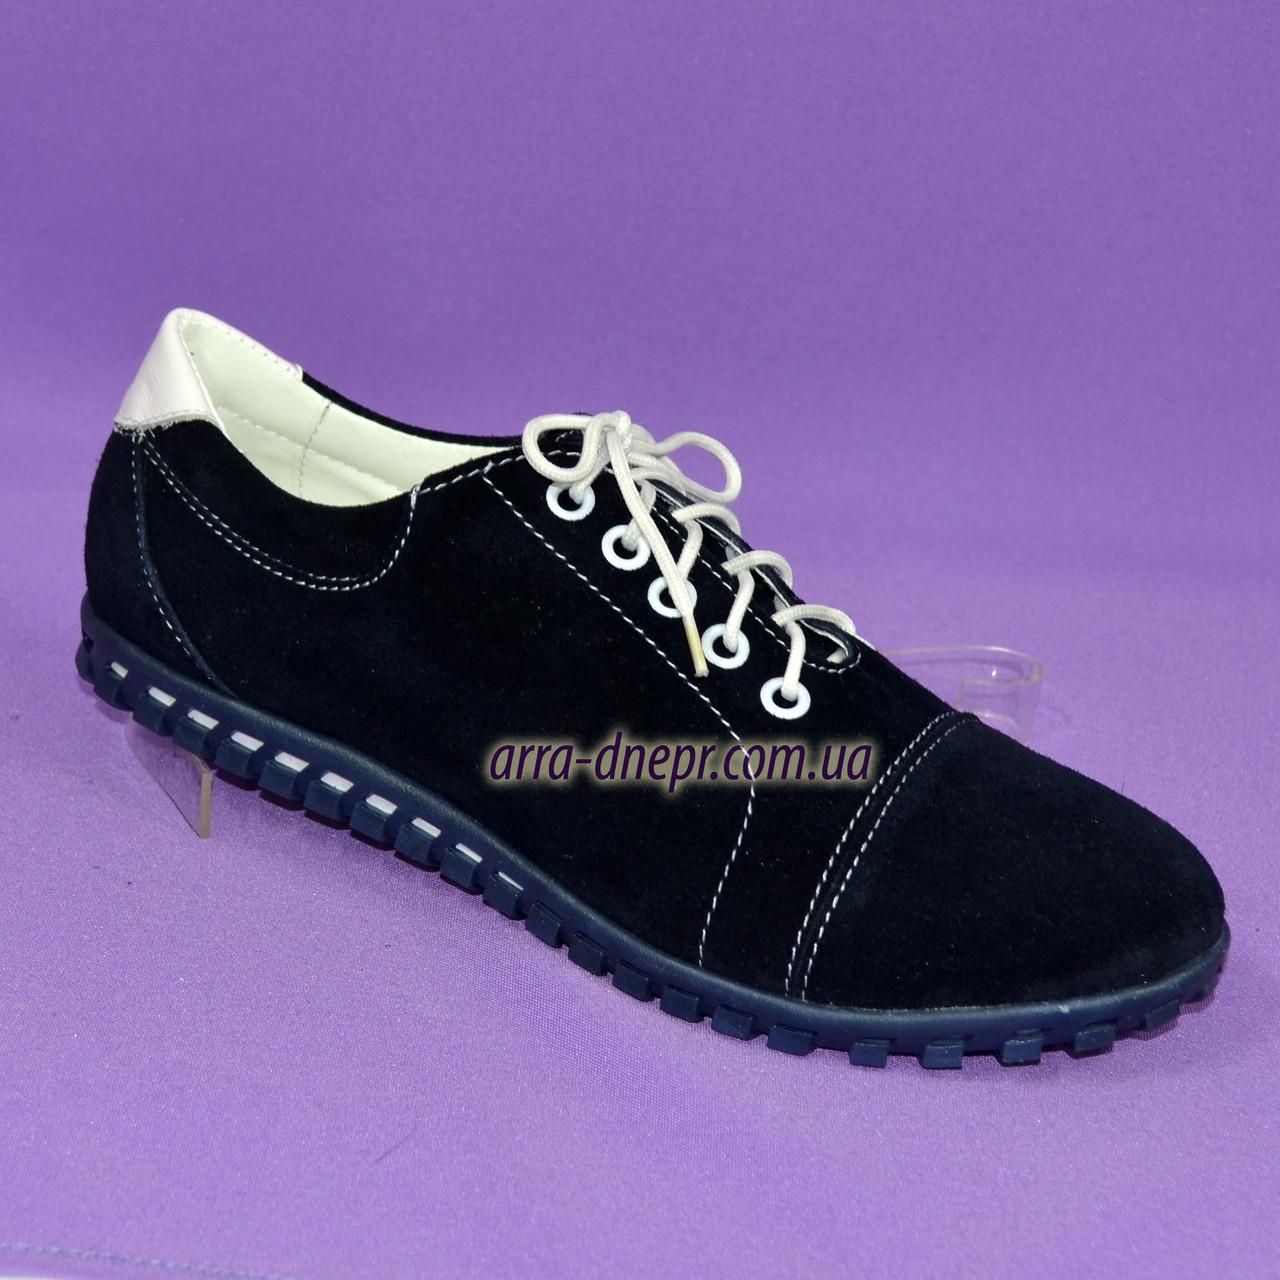 Спортивные женские синие замшевые туфли на шнуровке.